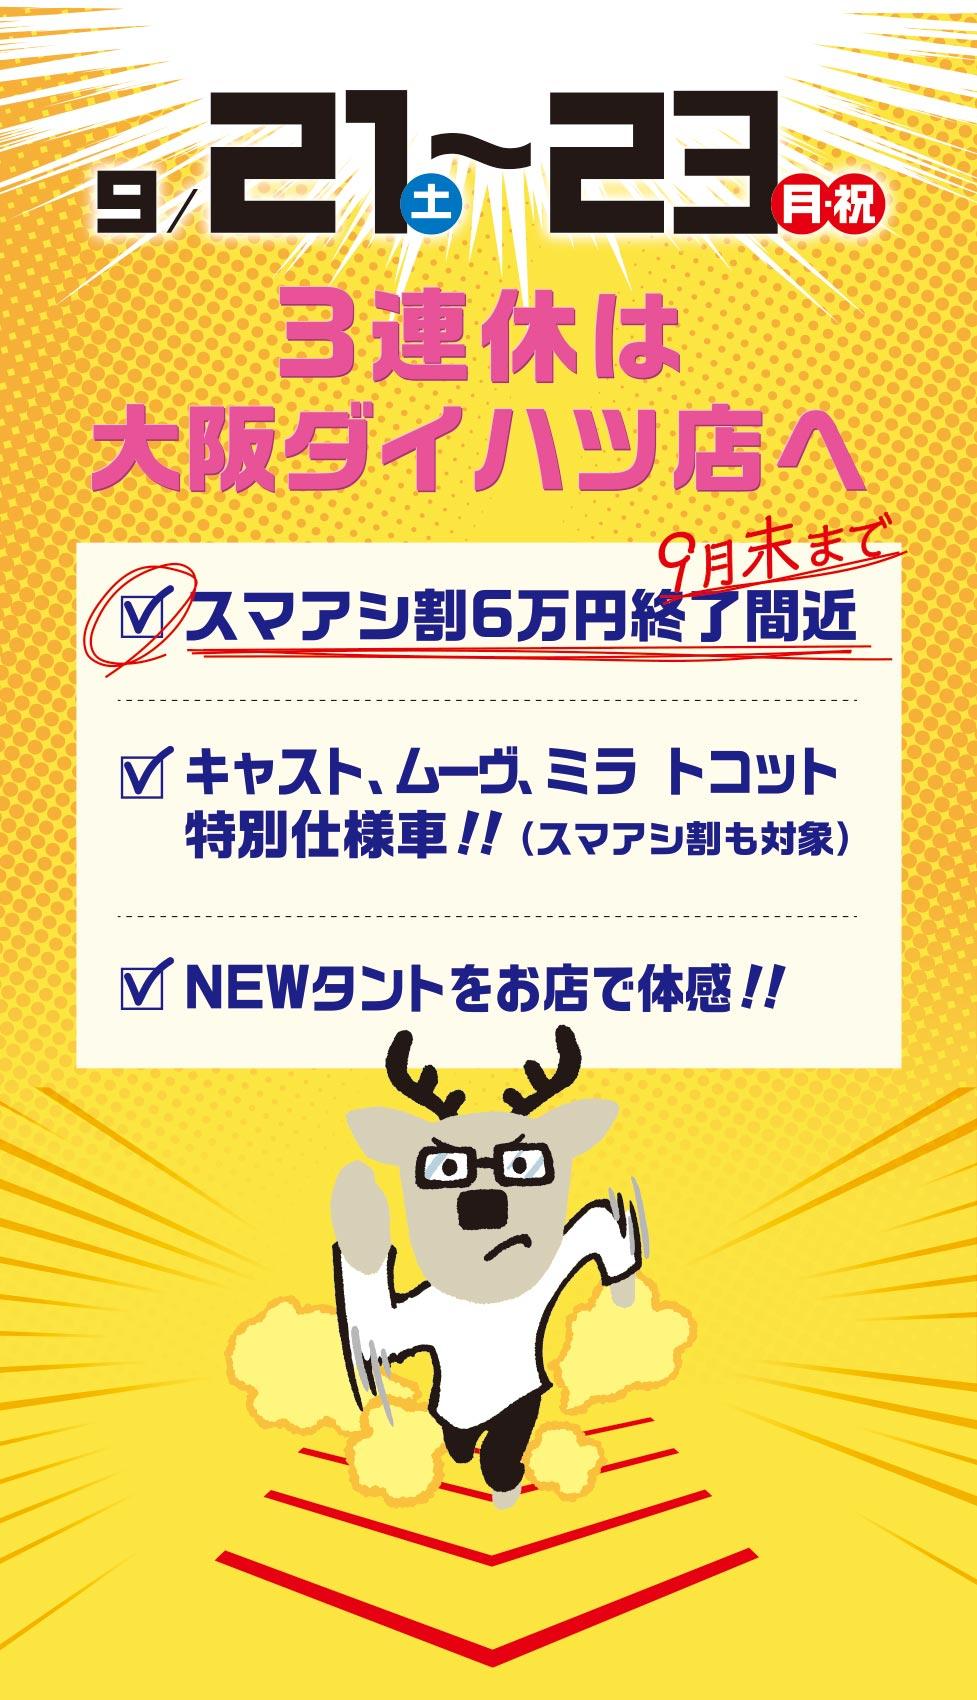 9月21-23日大阪ダイハツのお店へ